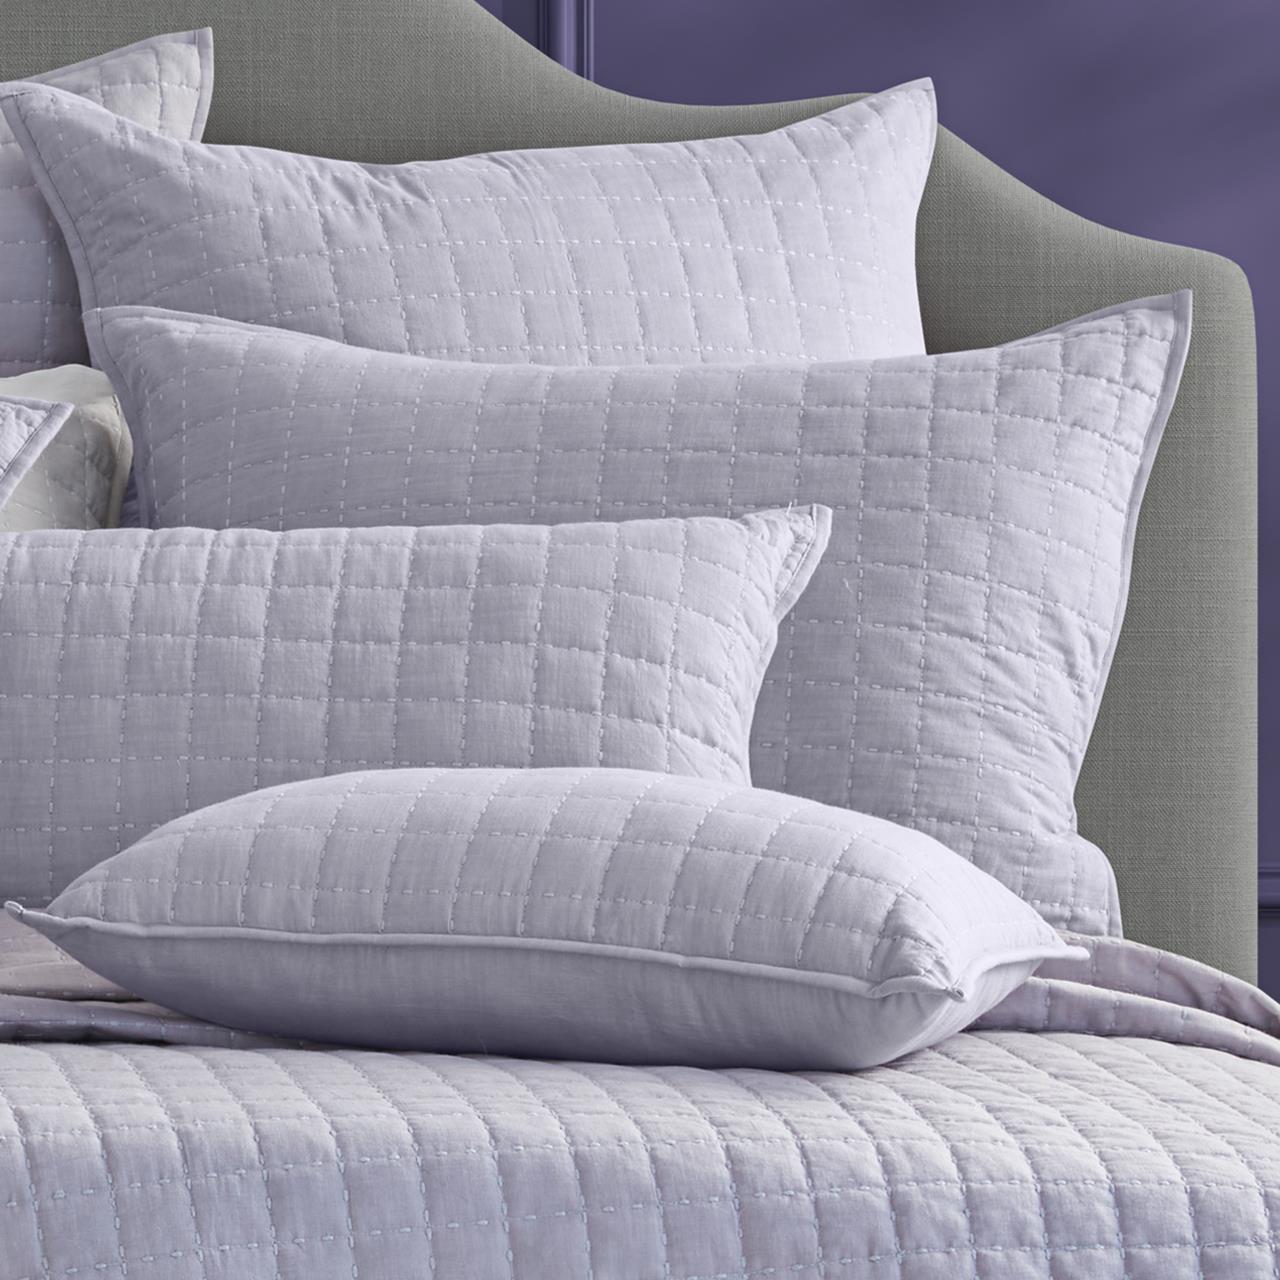 Caspian Lavender Quilt Collection -